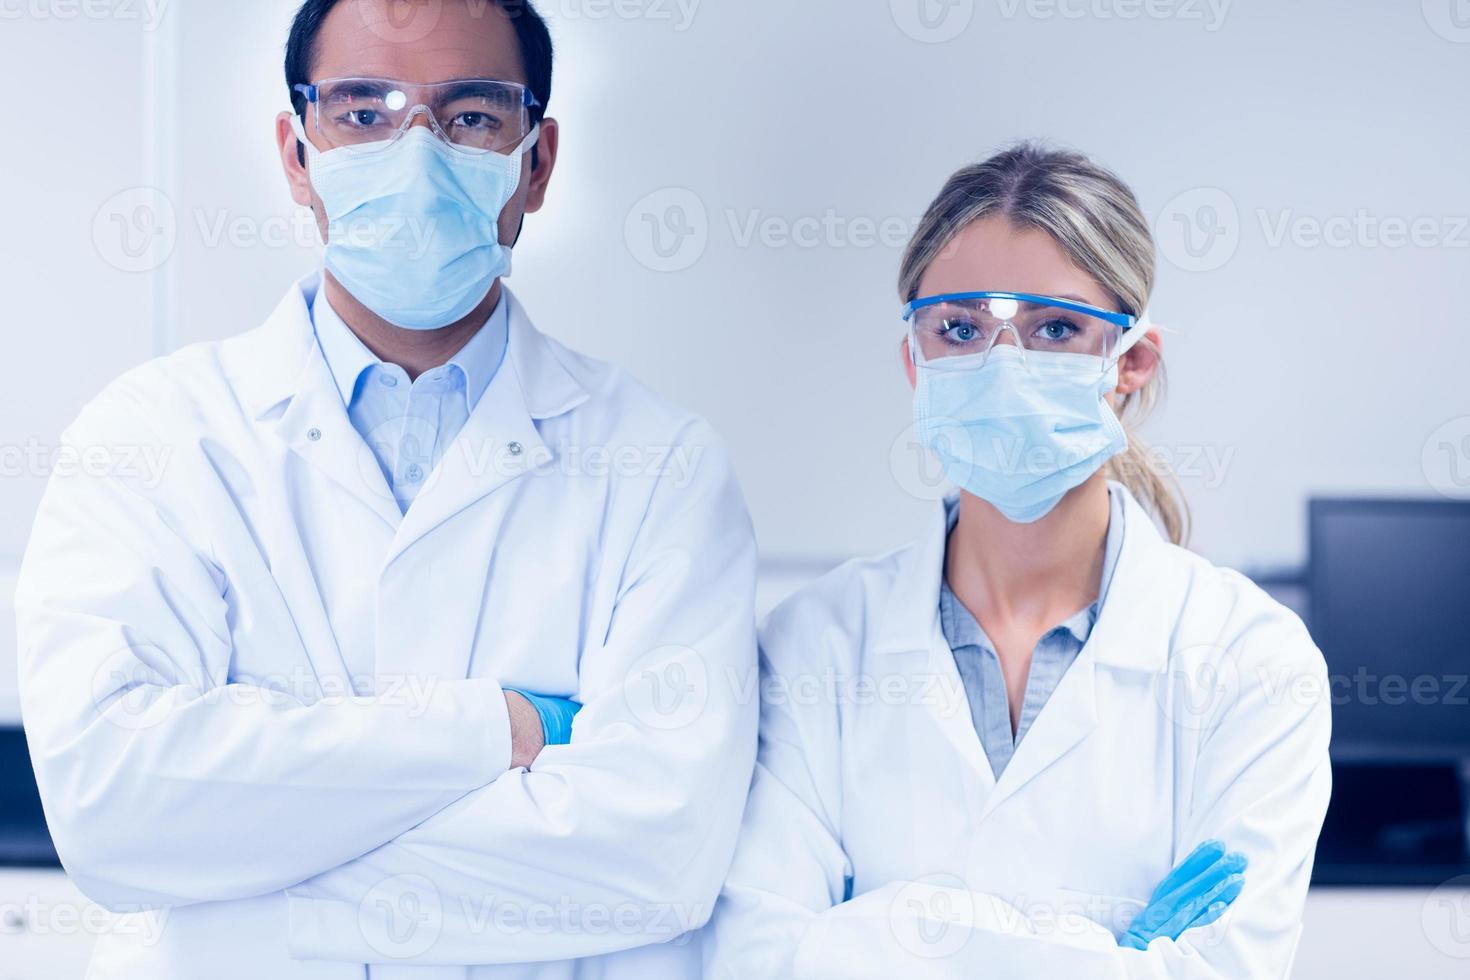 estudantes de ciências usando máscaras protetoras foto